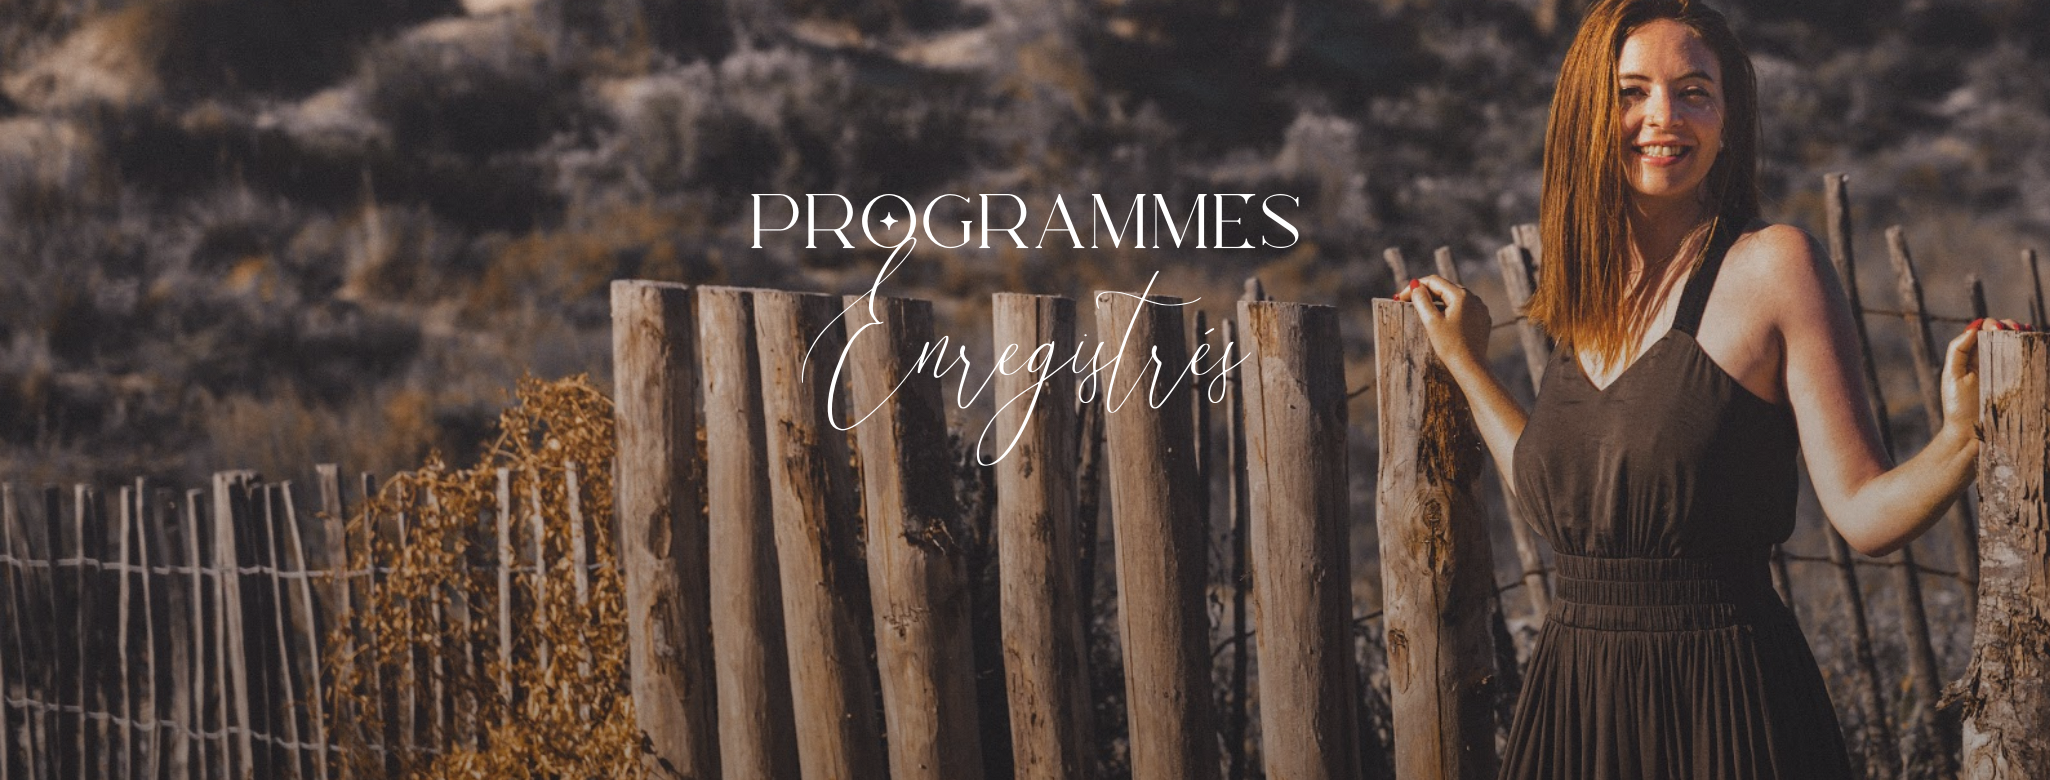 Bannière programmes enregistrés